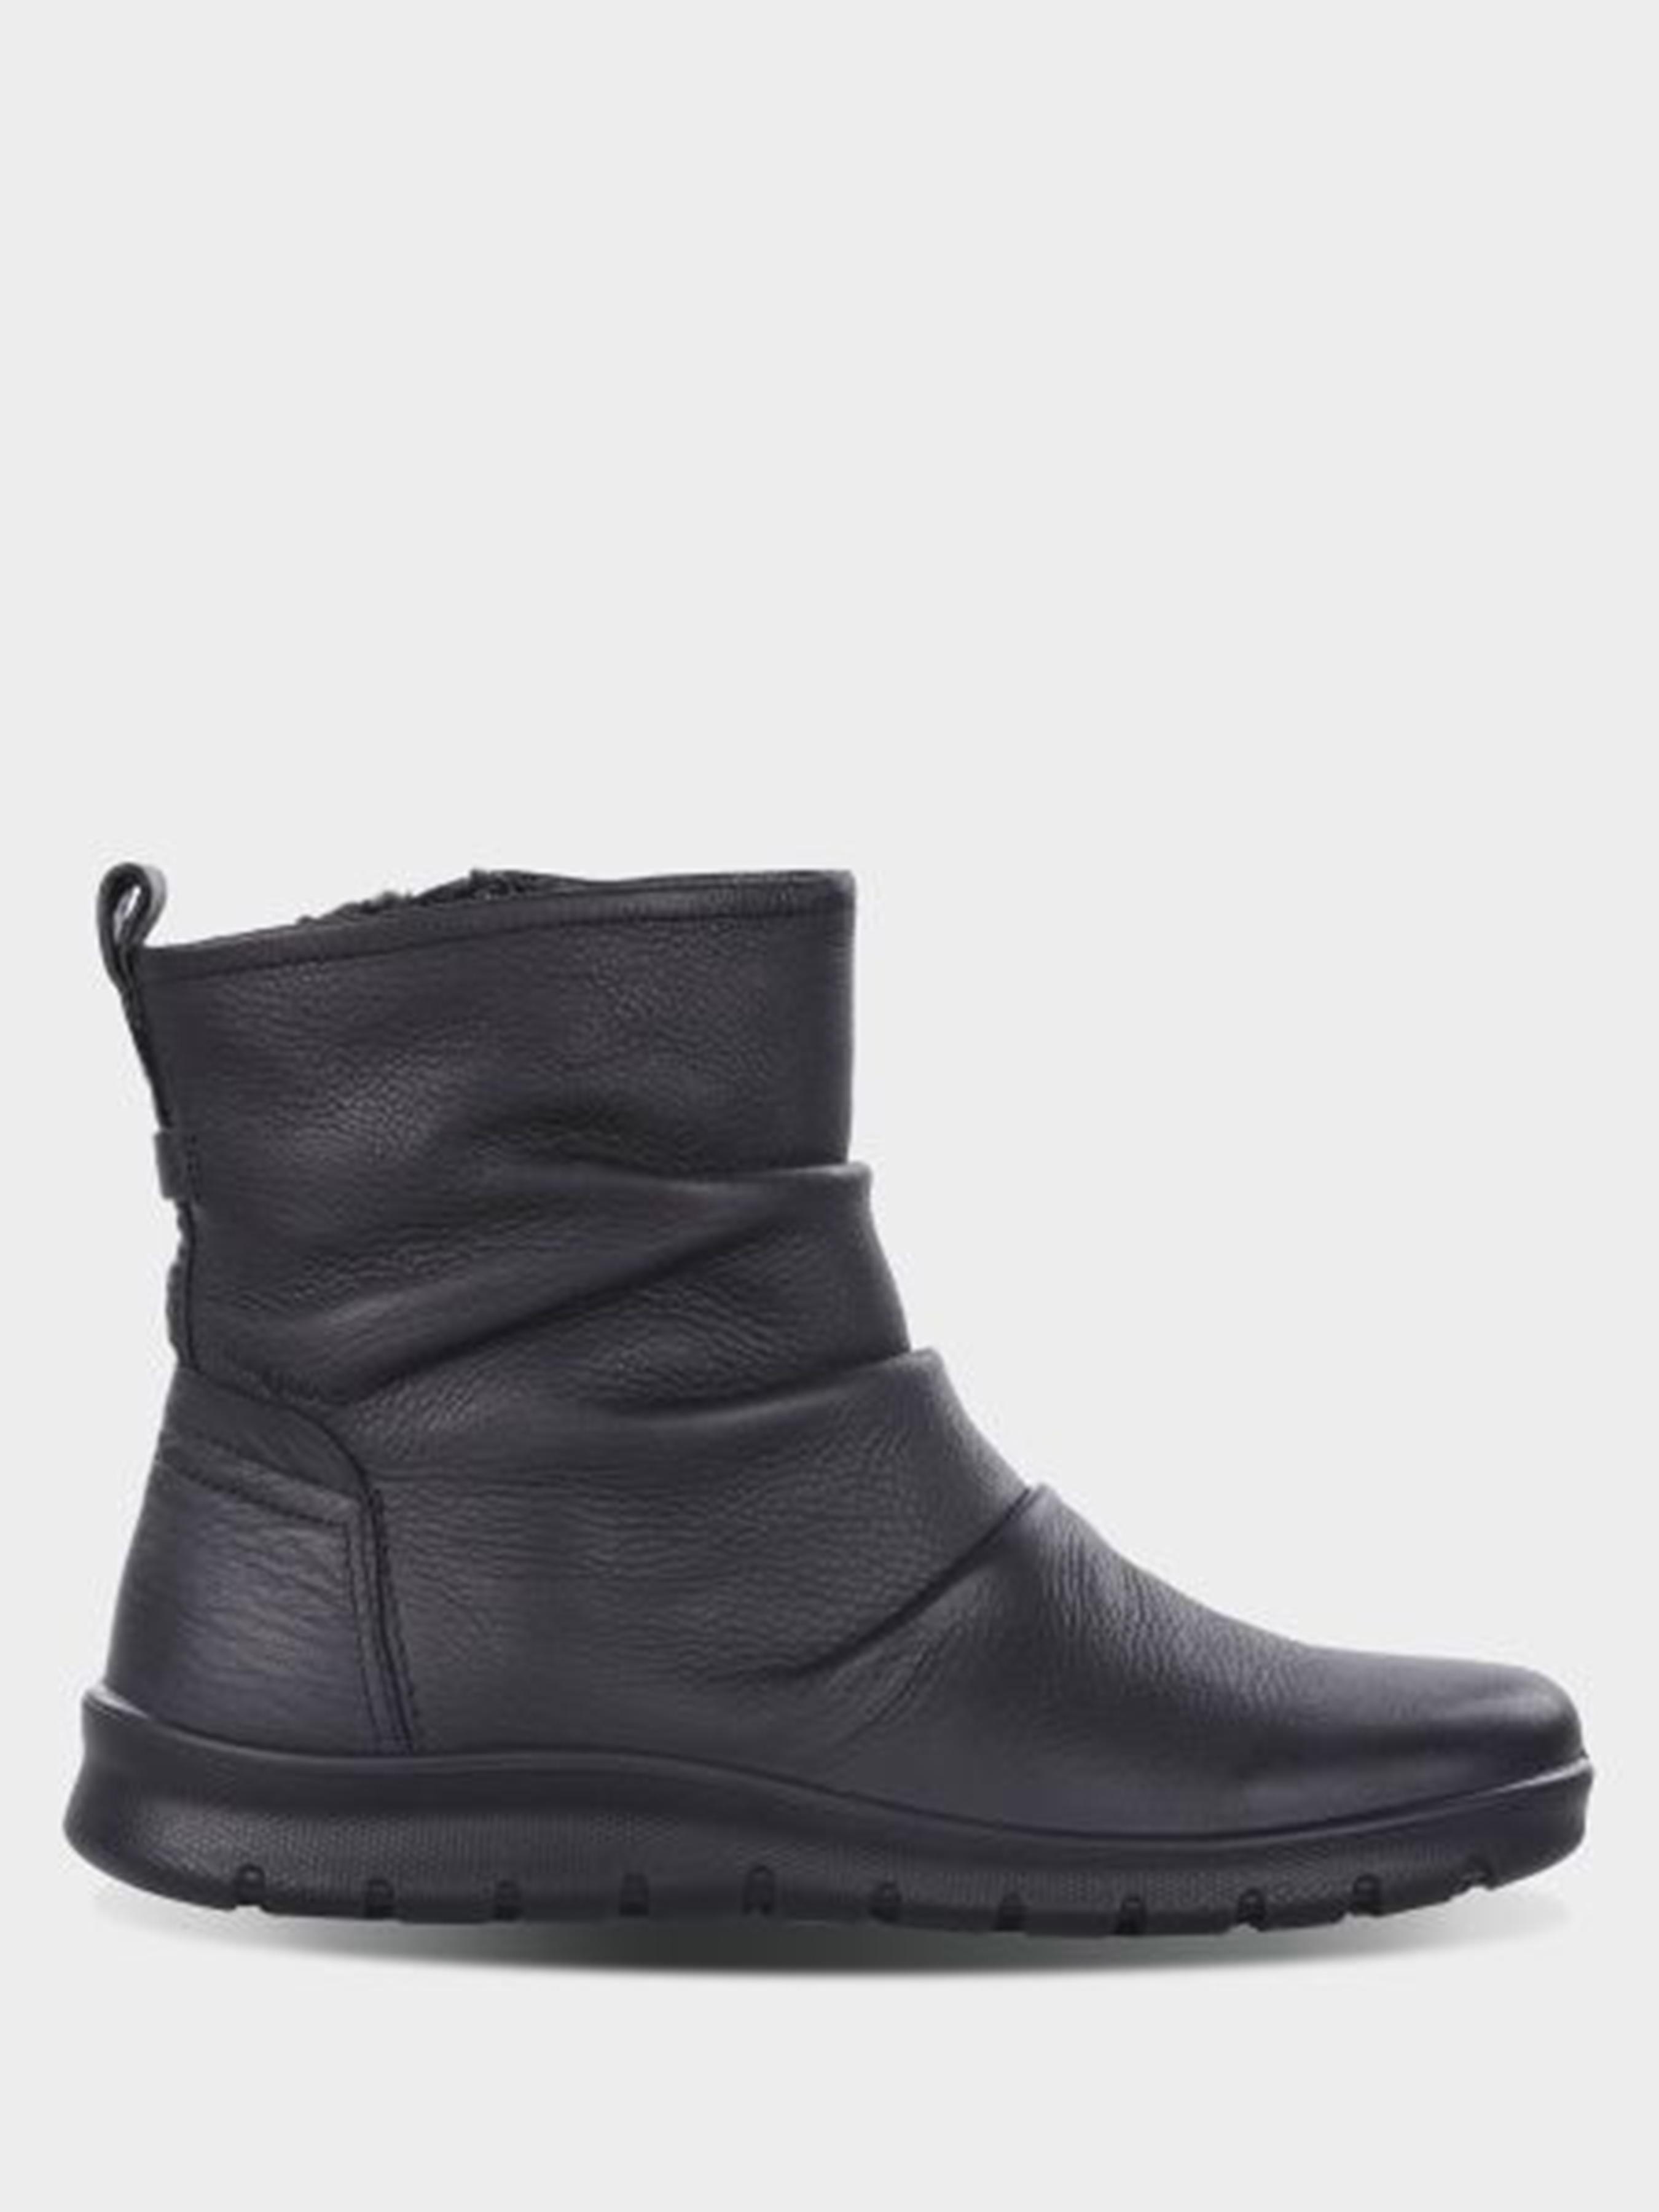 Купить Сапоги для женщин ECCO BABETT BOOT ZW6013, Черный